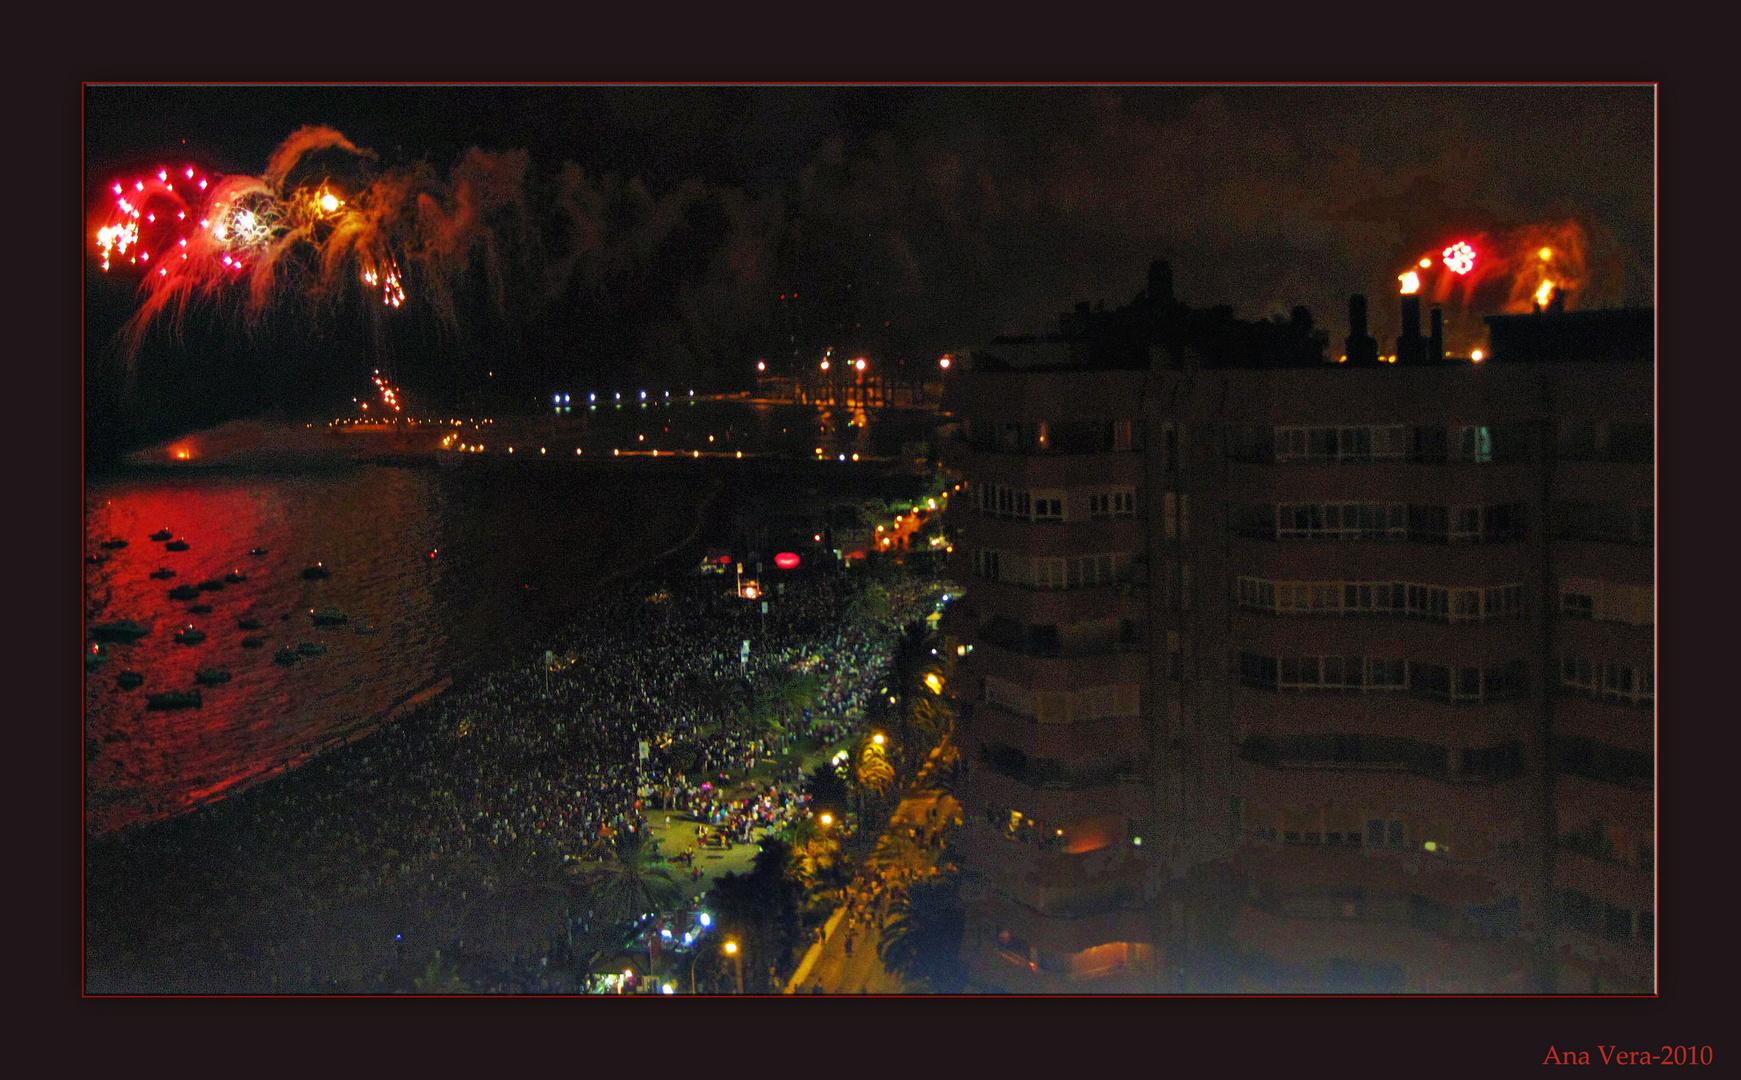 Noche de fuegos... Feria de Málaga, 2010